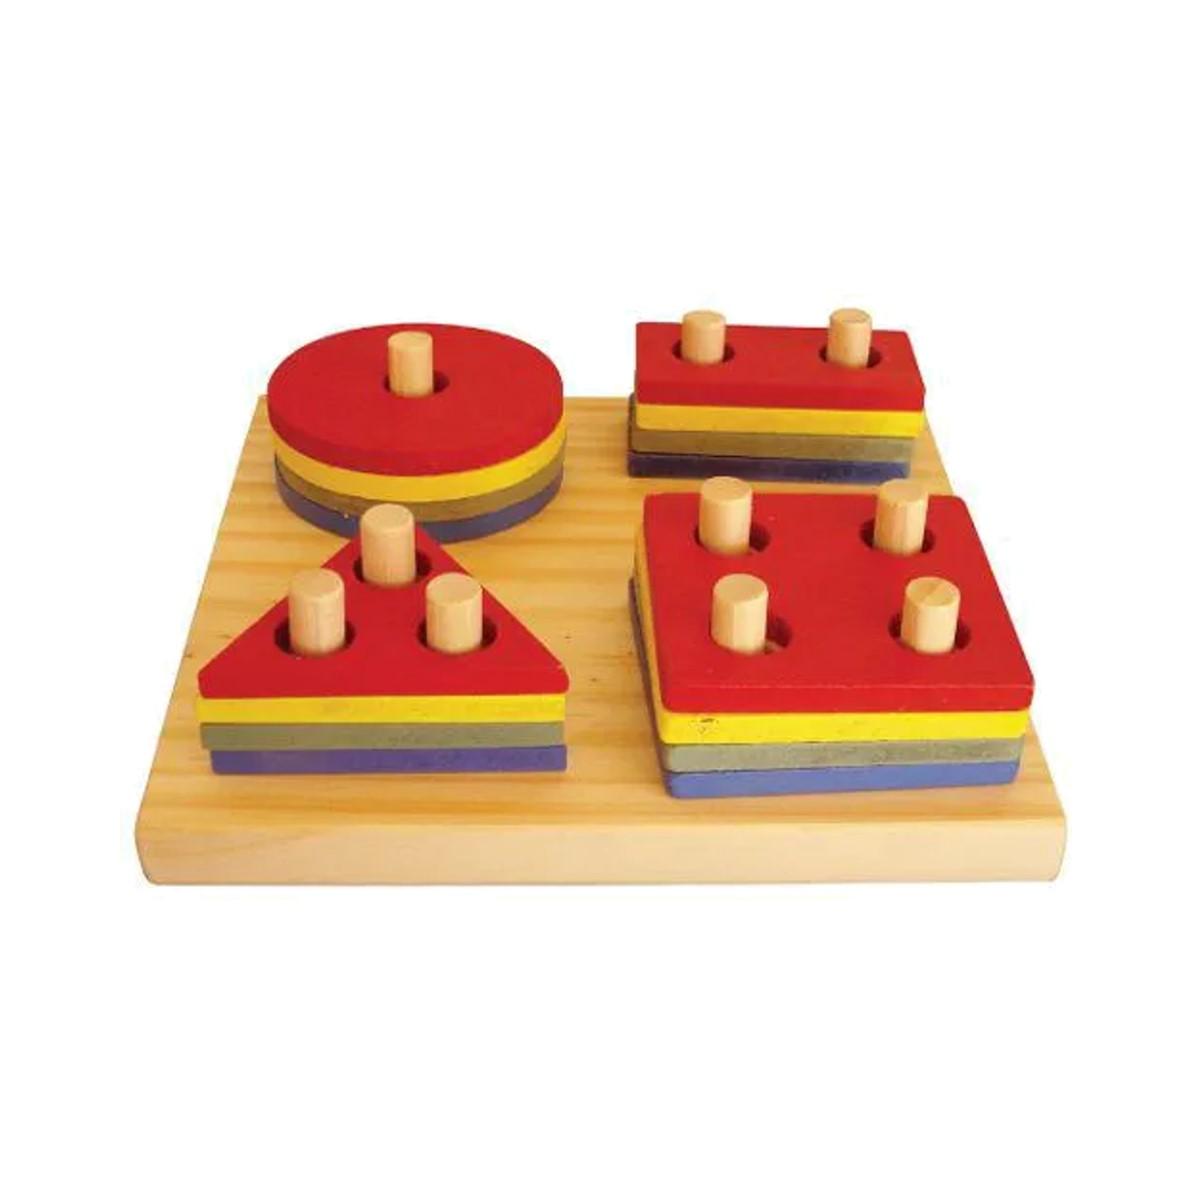 Brinquedos Educativos - Pranchas de Seleção 16 Peças